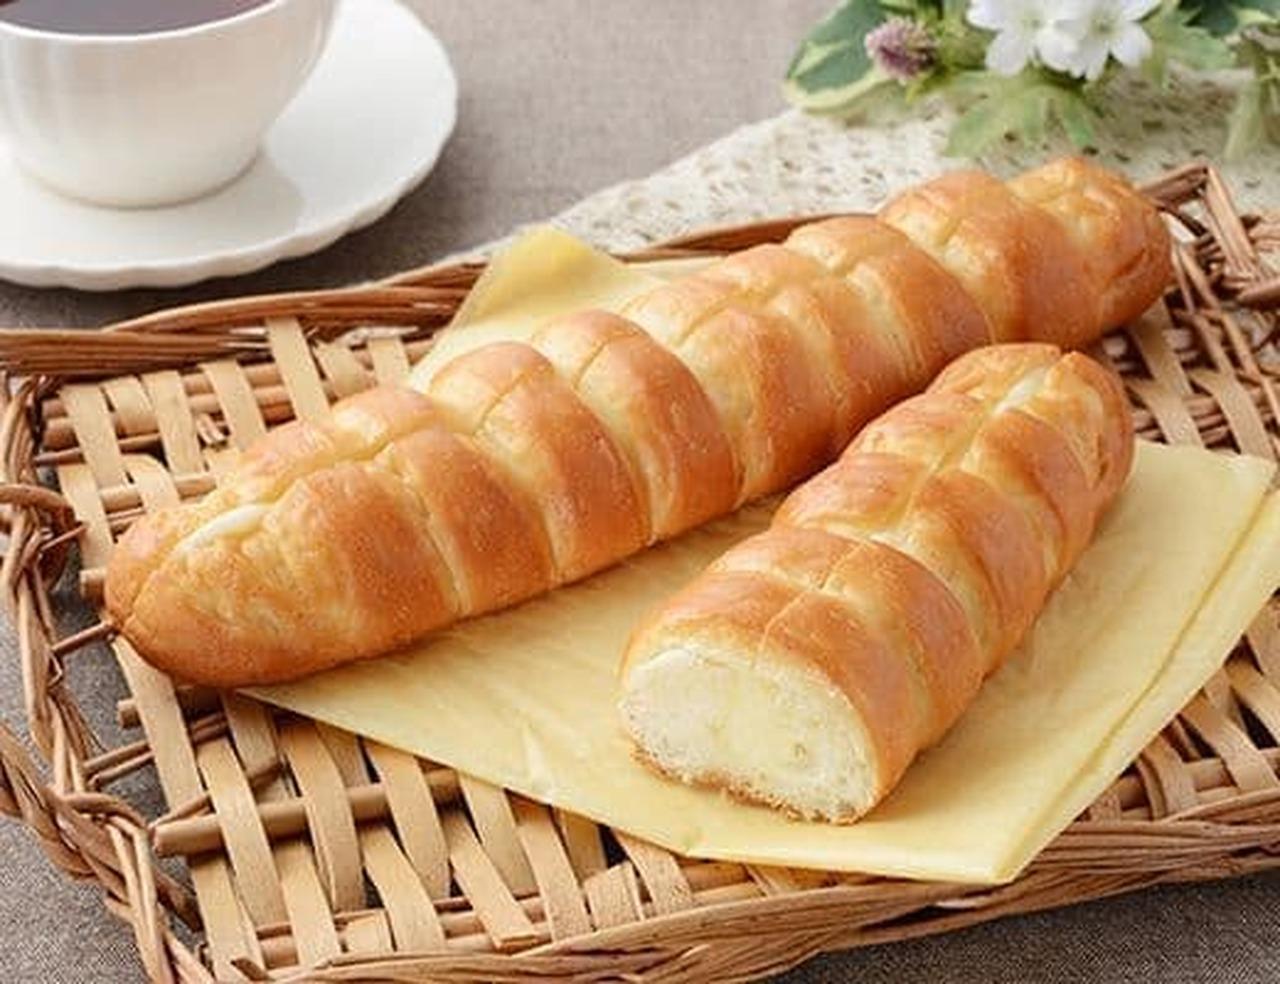 ローソン「ちぎれるミルクフランス 発酵バター入りクリーム使用」